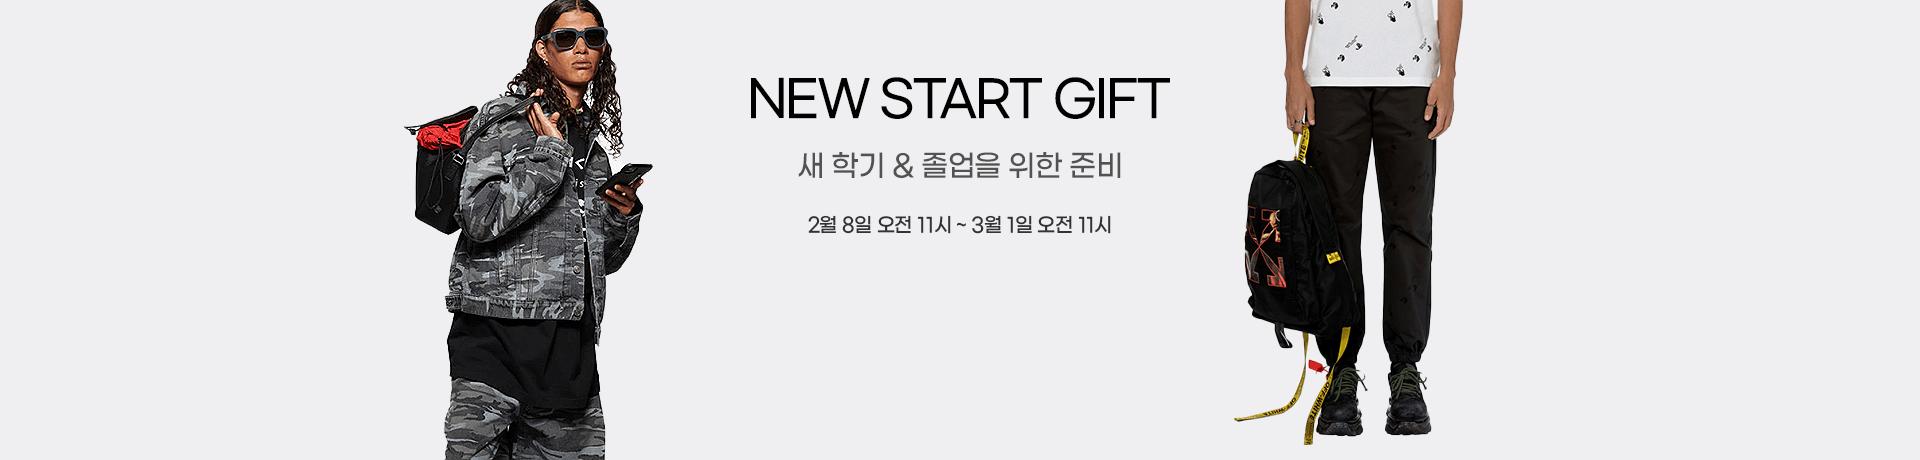 210208_sy_new-start-gift_pc_efeff1